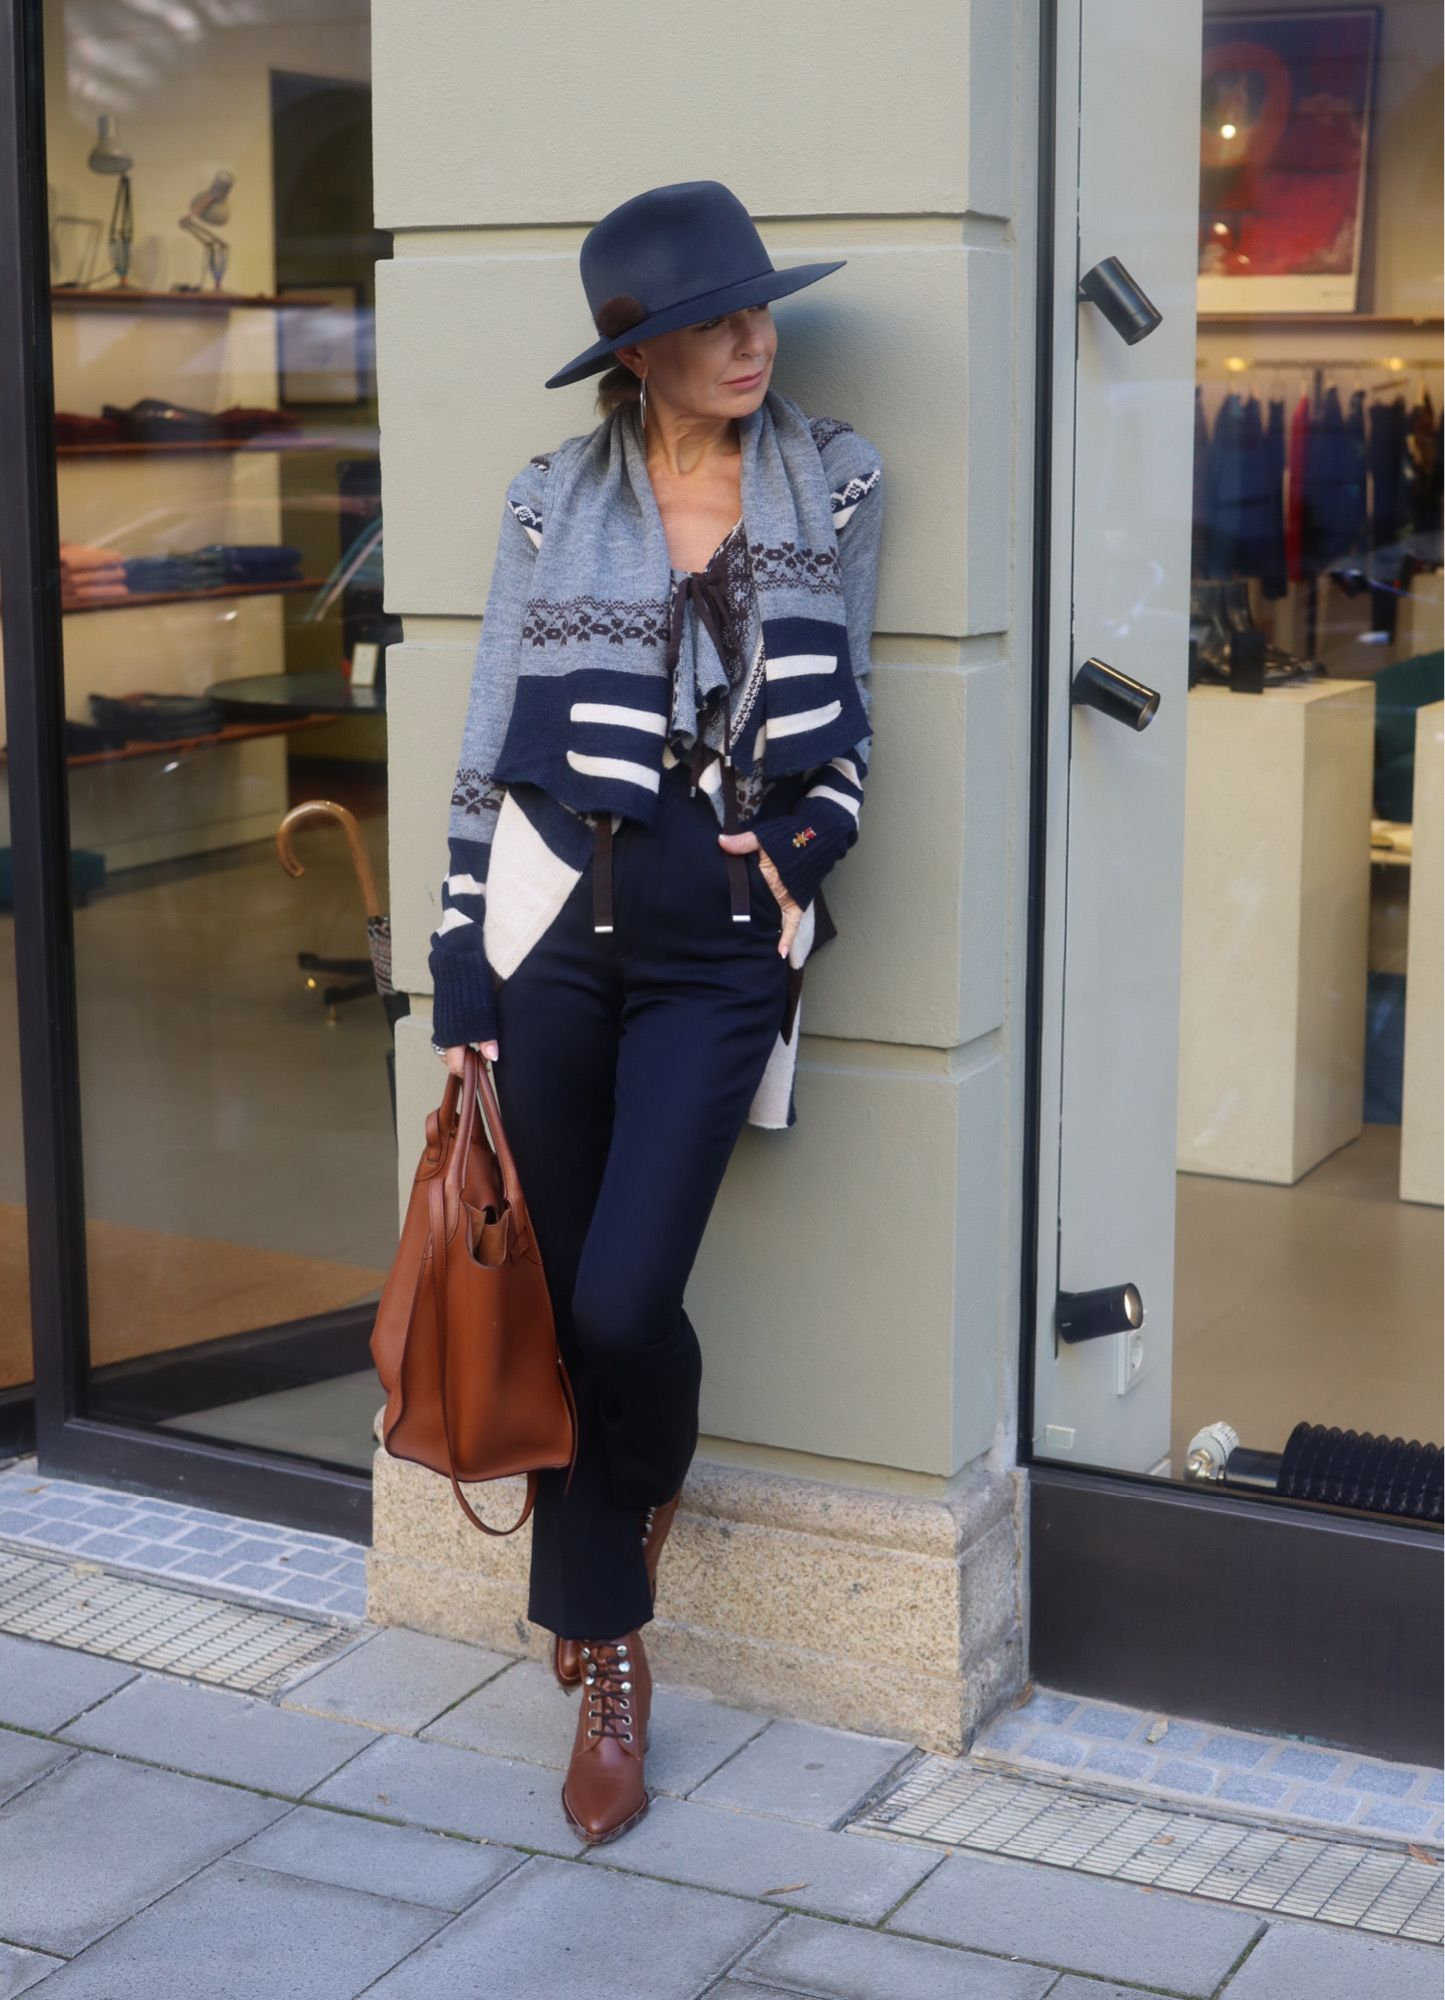 Mode ist Individualität und Authentizität meint Bibi Horst ...